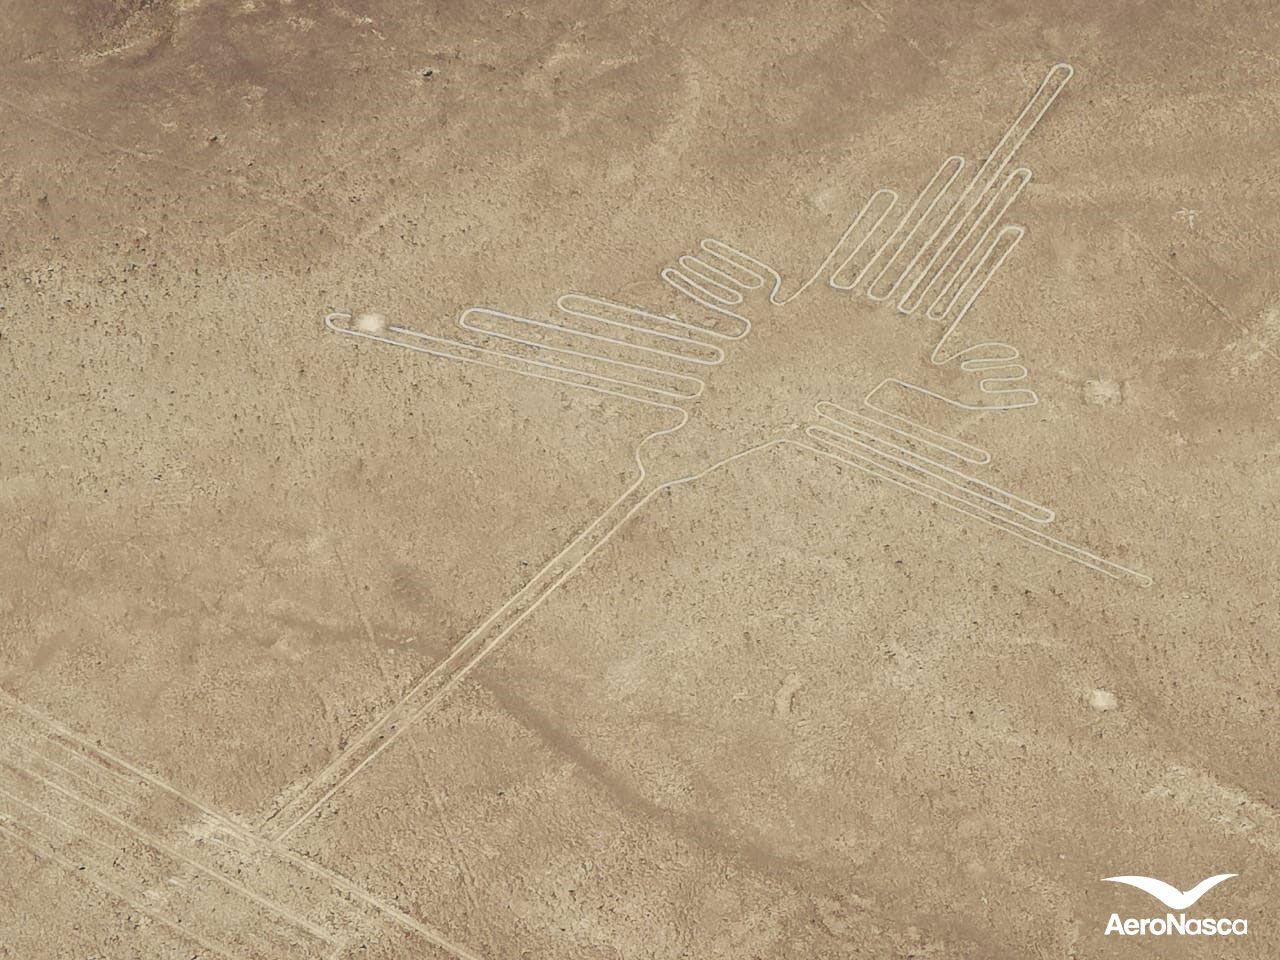 Imagenes de las Lineas de Nazca: Colibri